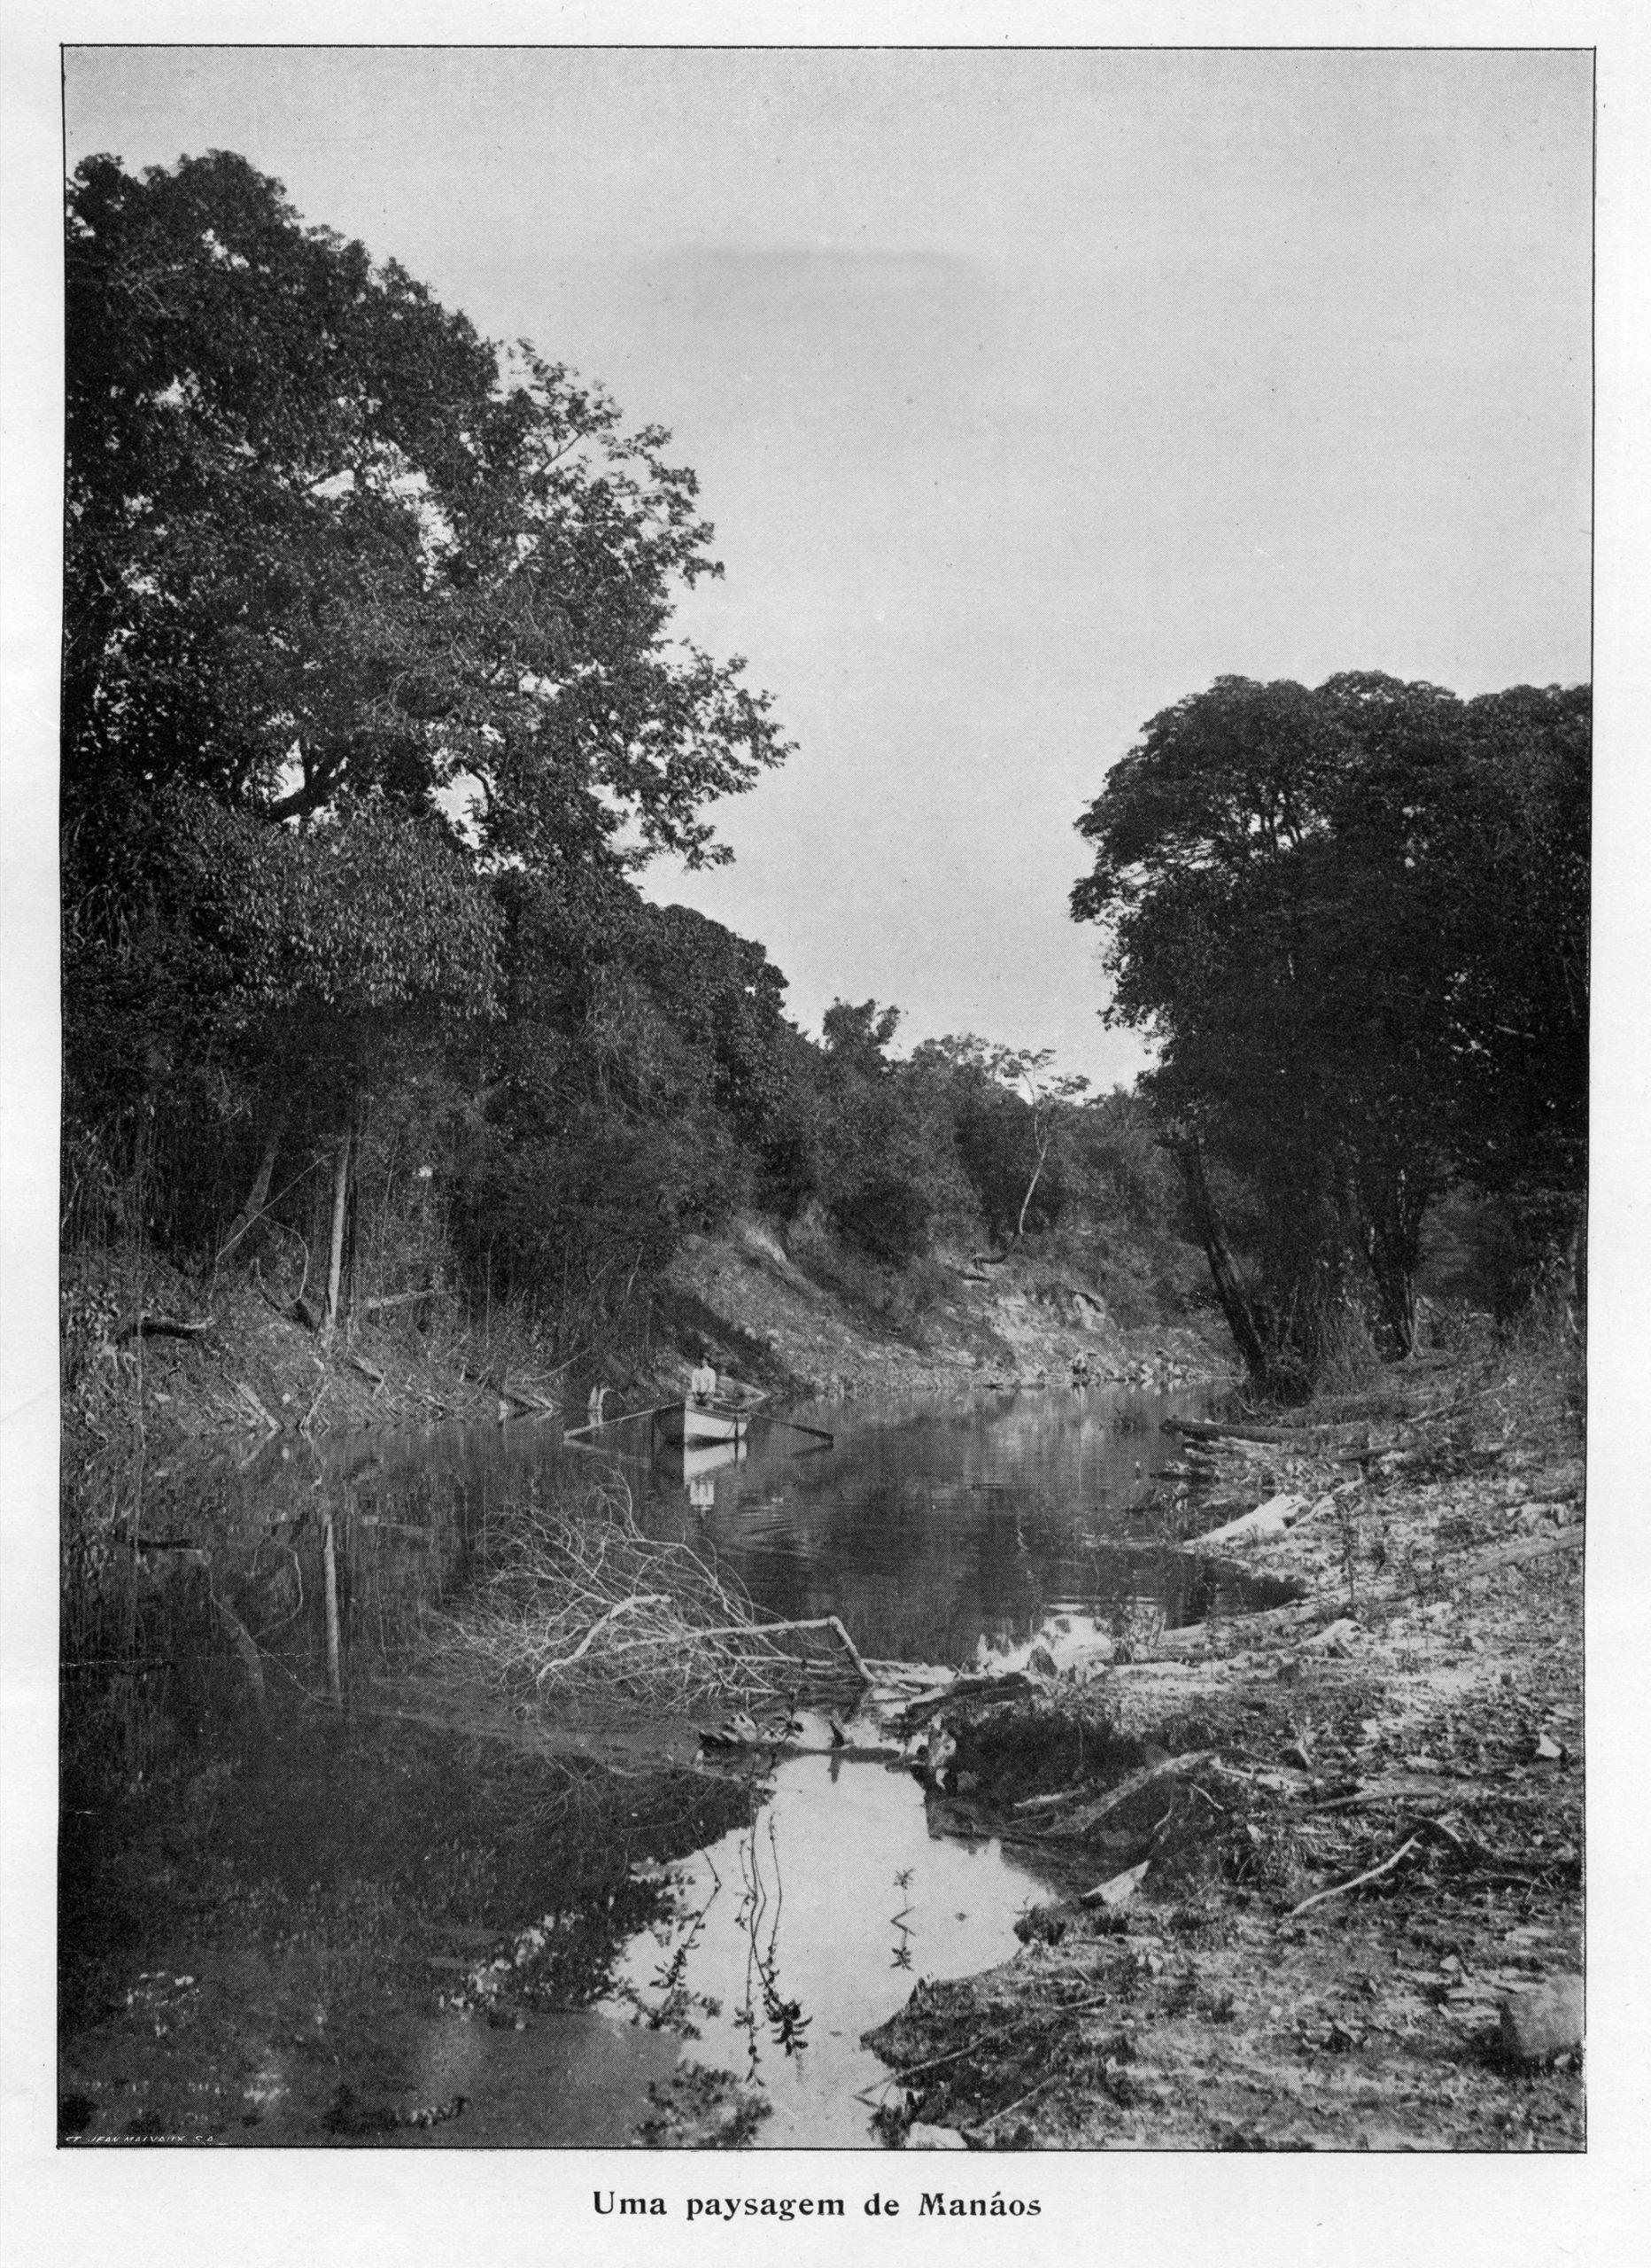 Uma das Paisagens de Manaus (Parte 2)